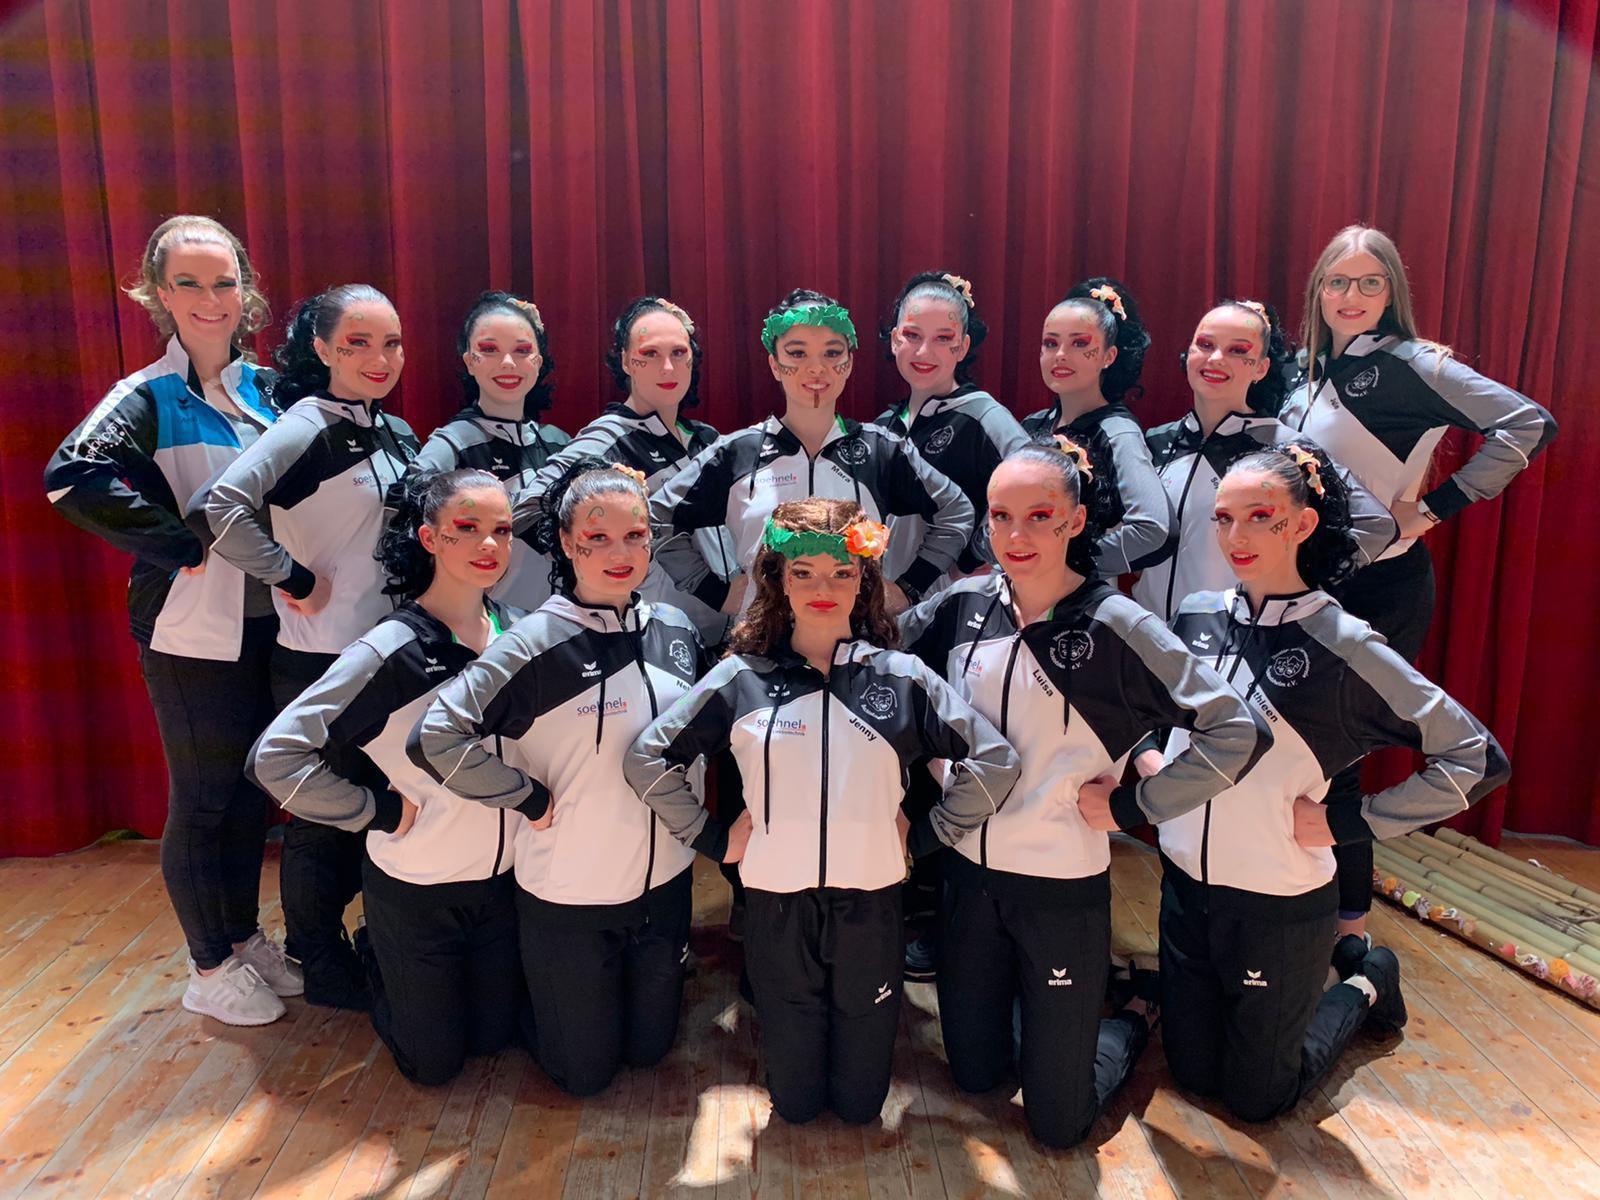 TCV-Bechtolsheim Tanzgruppe 3 mit Choreografin Annalena Hillmann